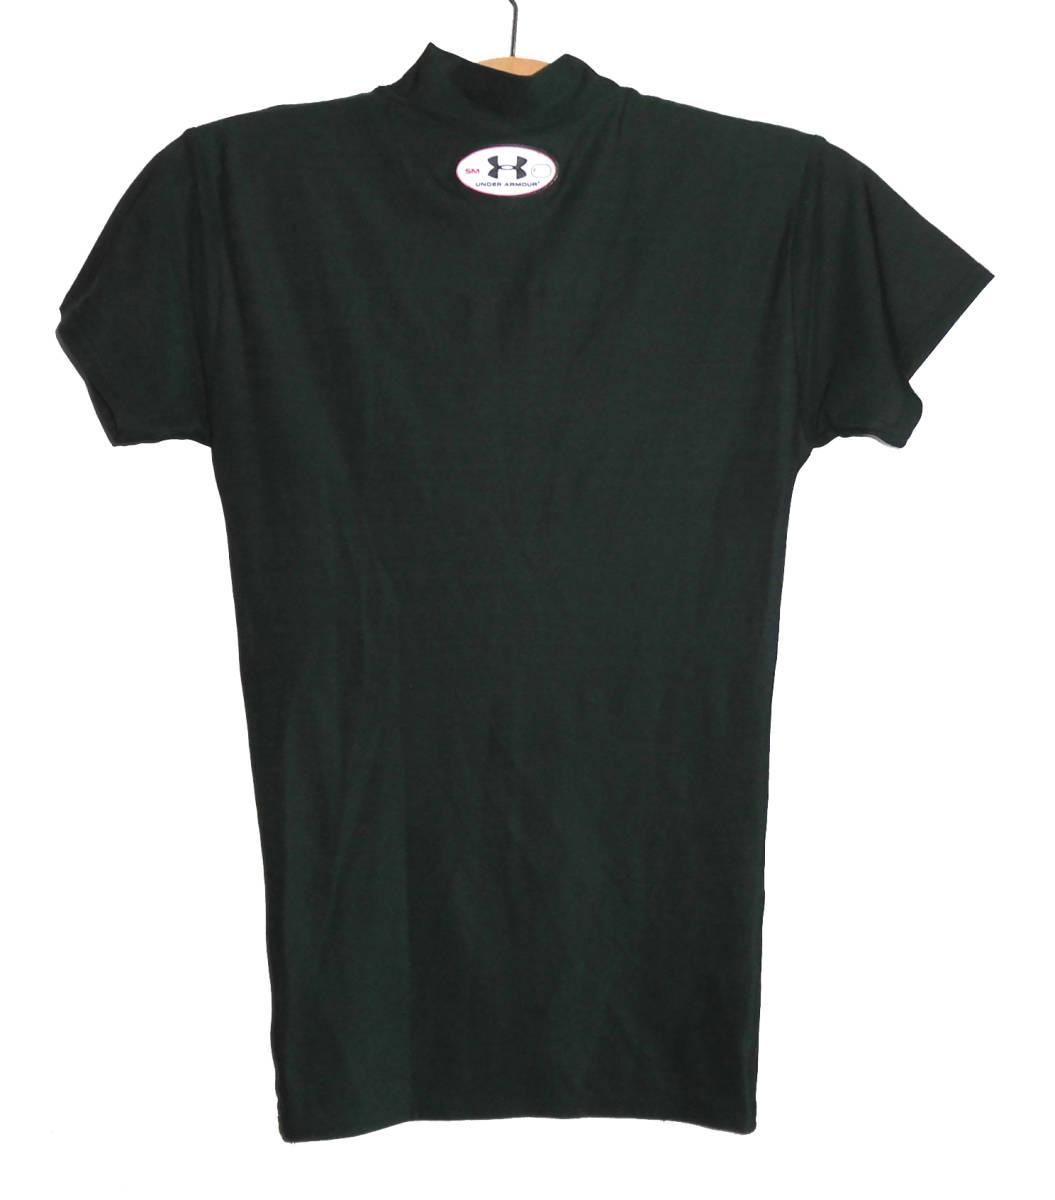 程度良好 UNDER ARMOUR アンダーアーマー コンプレッションシャツ SM 深緑